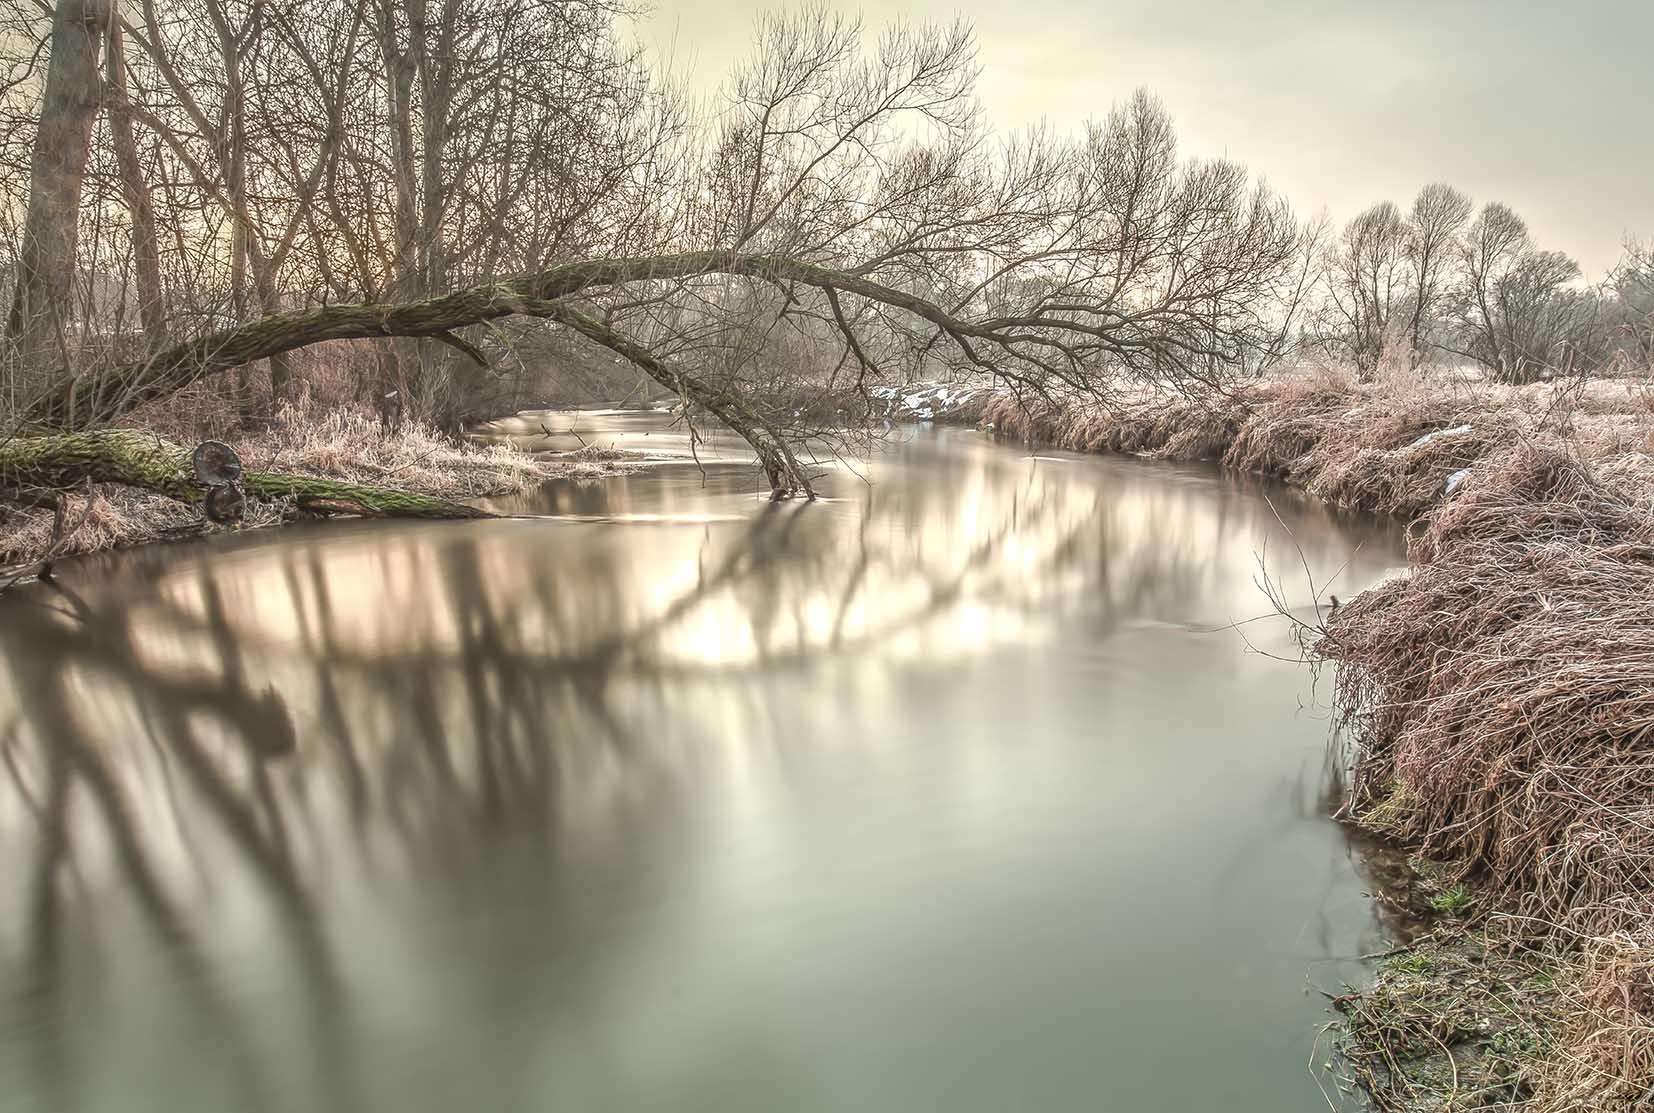 Zatrzymana woda. Jeziorka okolice Łosia